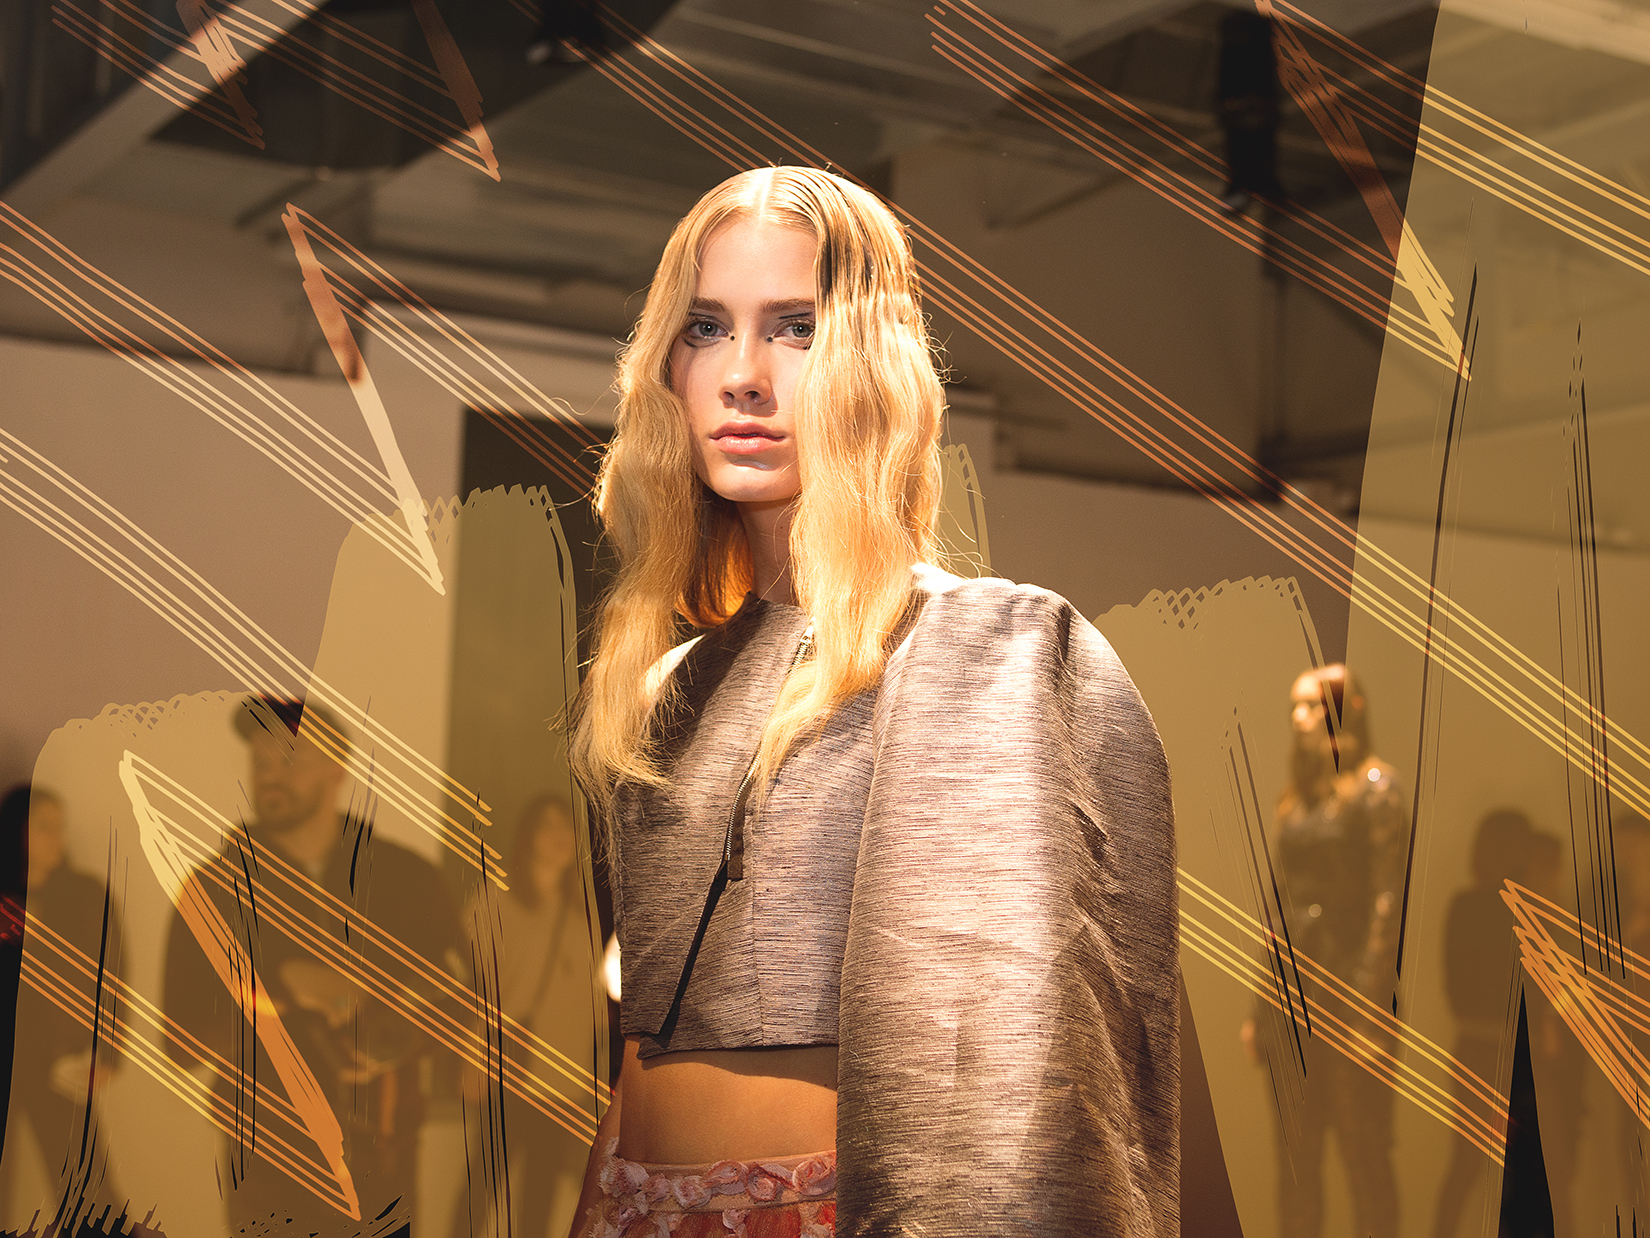 fashioneditorial4web.jpg